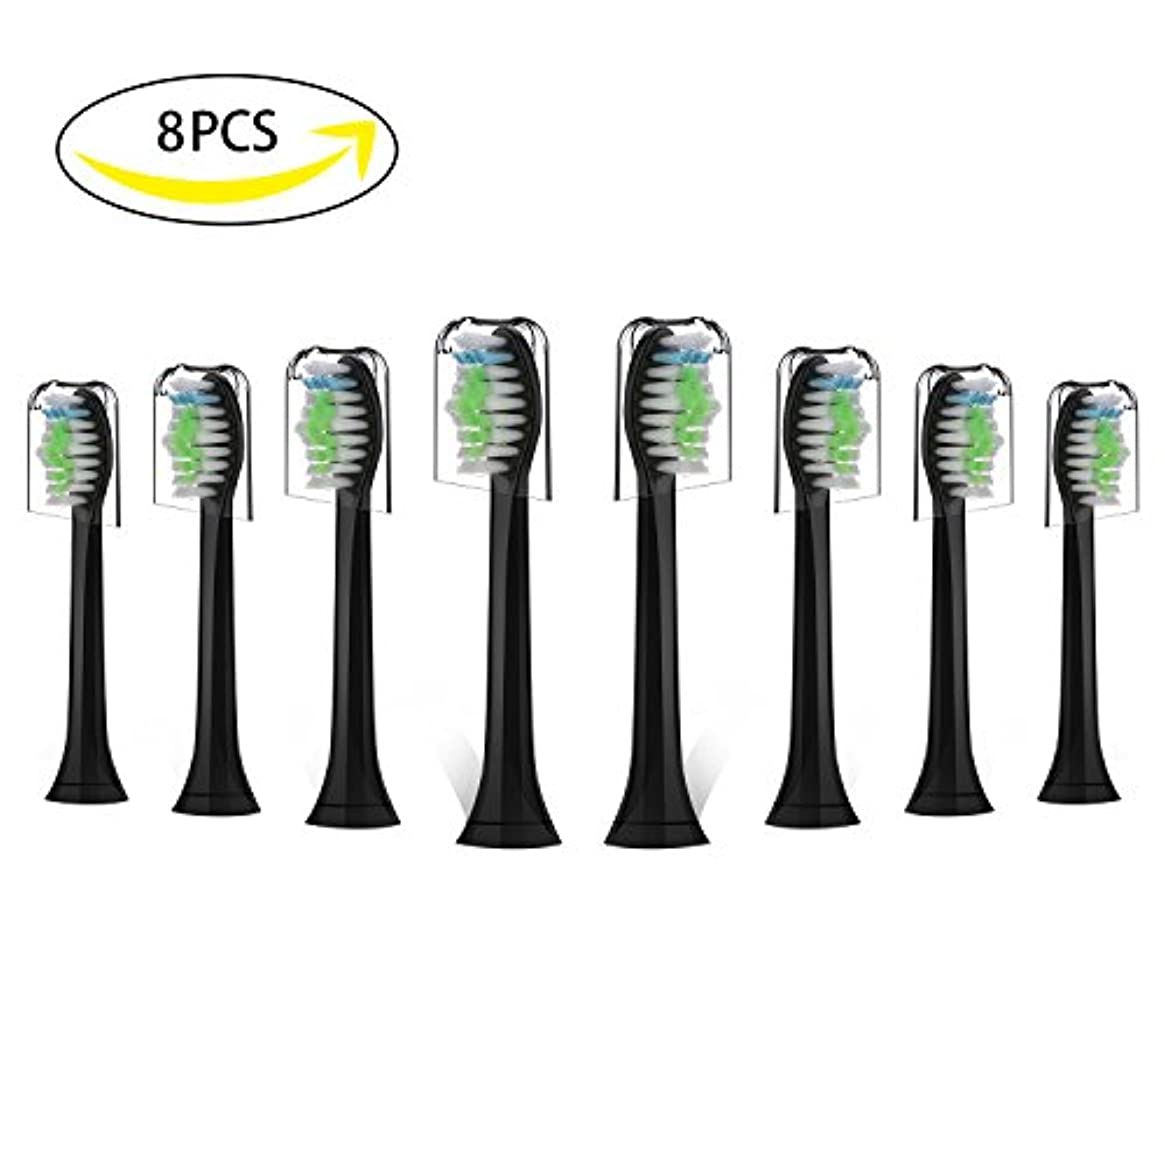 同意フェッチ合図Sonifresh 交換ヘッド歯ブラシ用ヘッドセットフィリップソニカ電気歯ブラシ - プラークコントロールガム 健康ダイヤモンド クリーンフレックス ケアイージークリーンとヘルシーホワイト 8パック 8パック